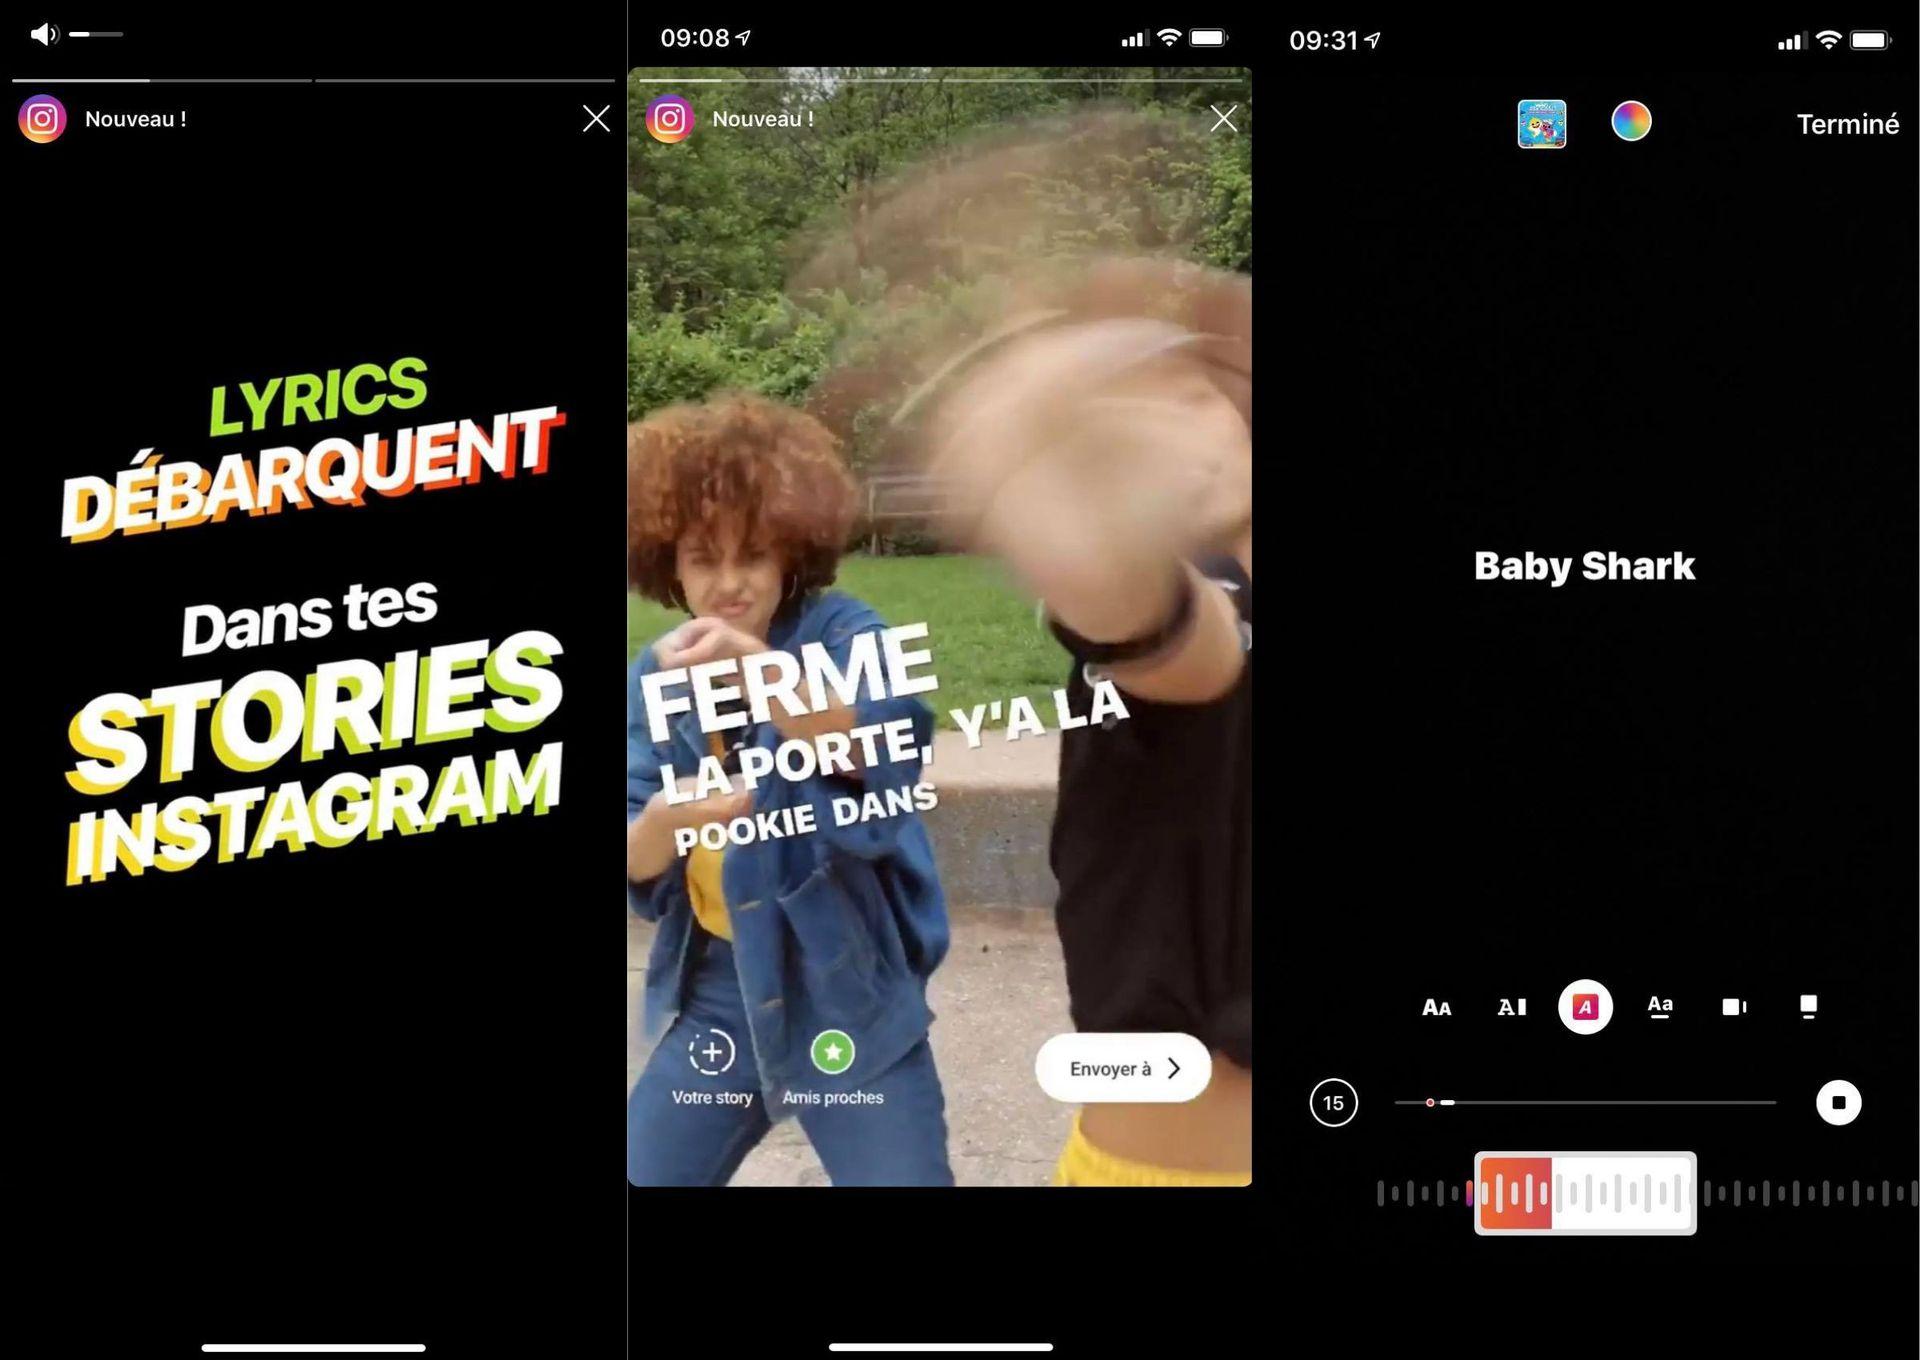 Instagram Affiche Désormais Les Paroles Des Chansons Dans avec Retrouver Une Musique Avec Parole